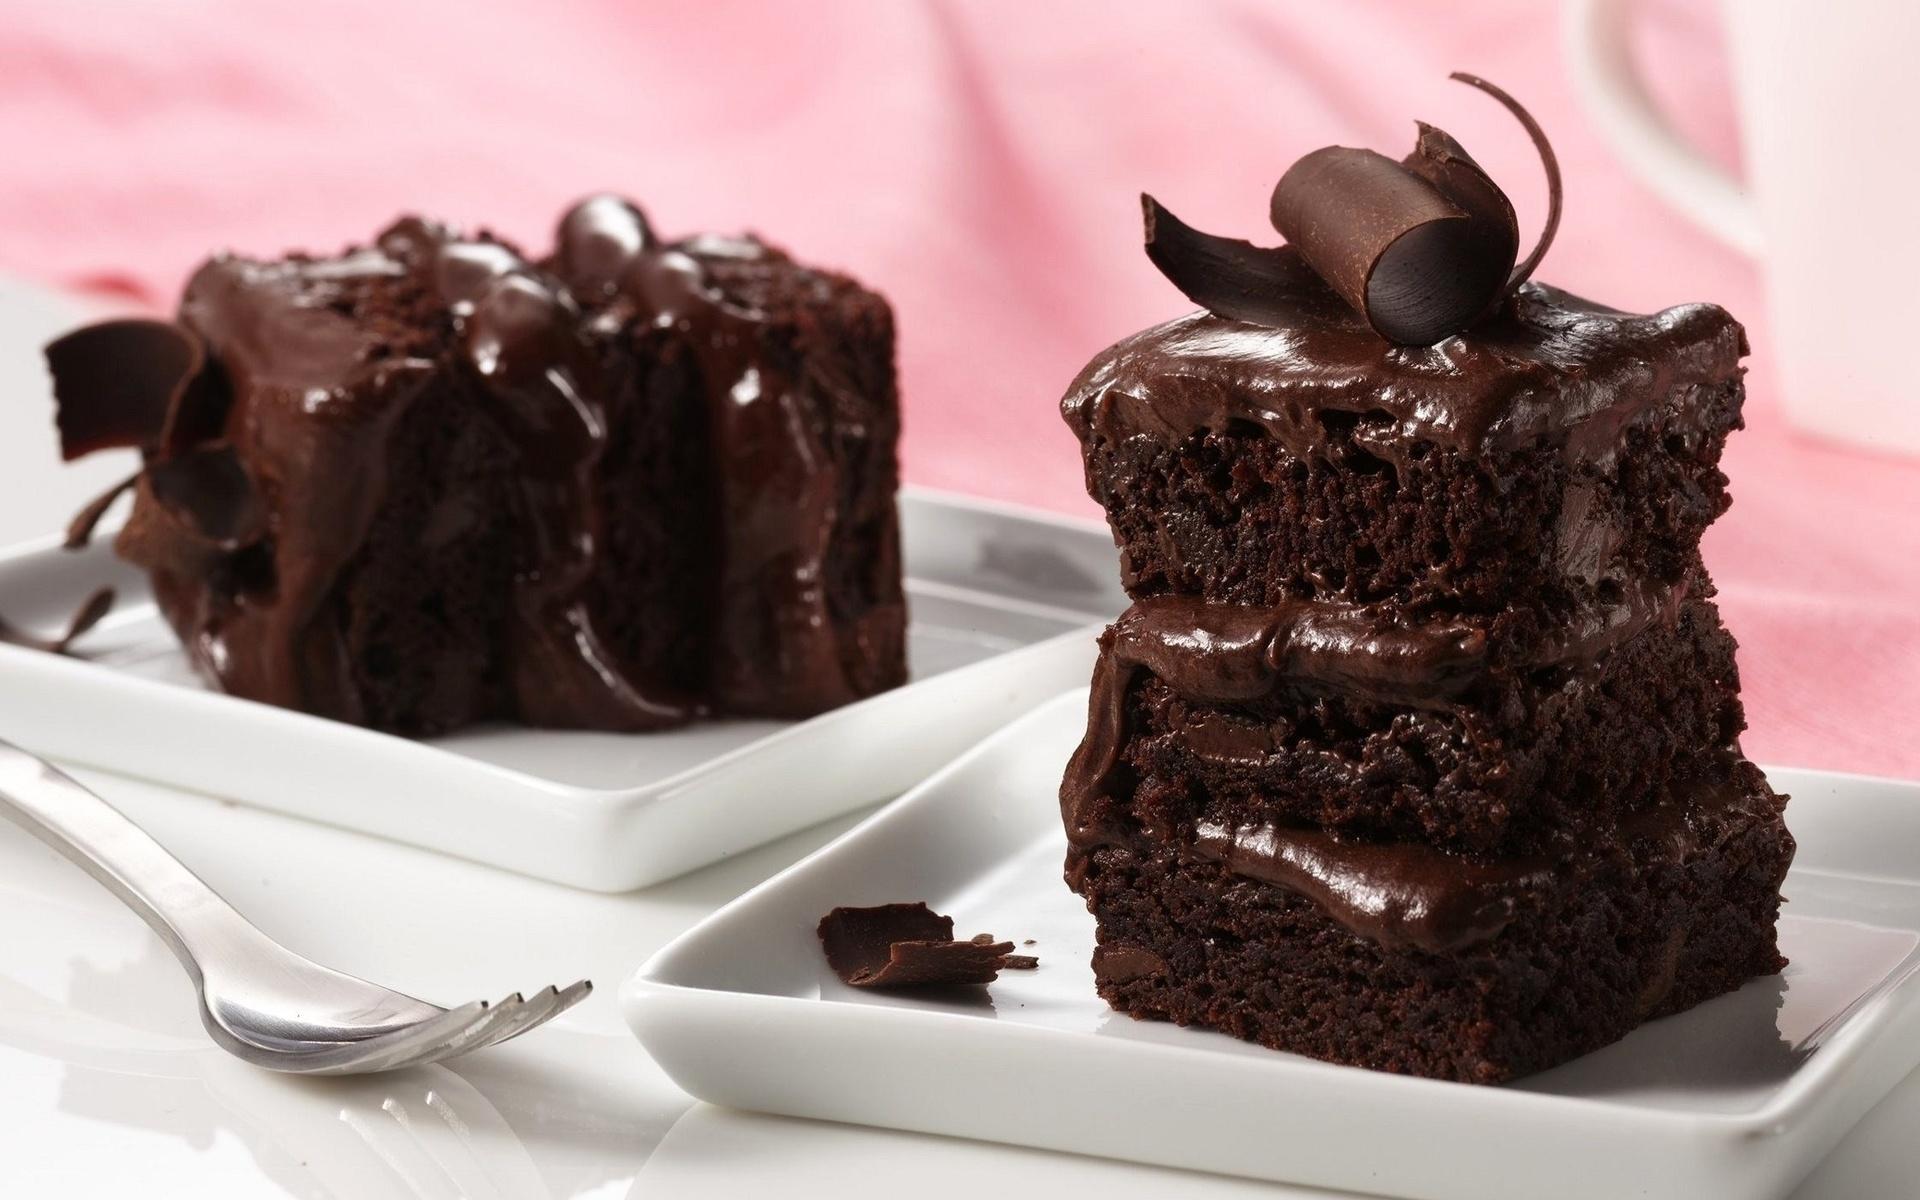 шоколад пирожные картинки метод анатомии, созданный